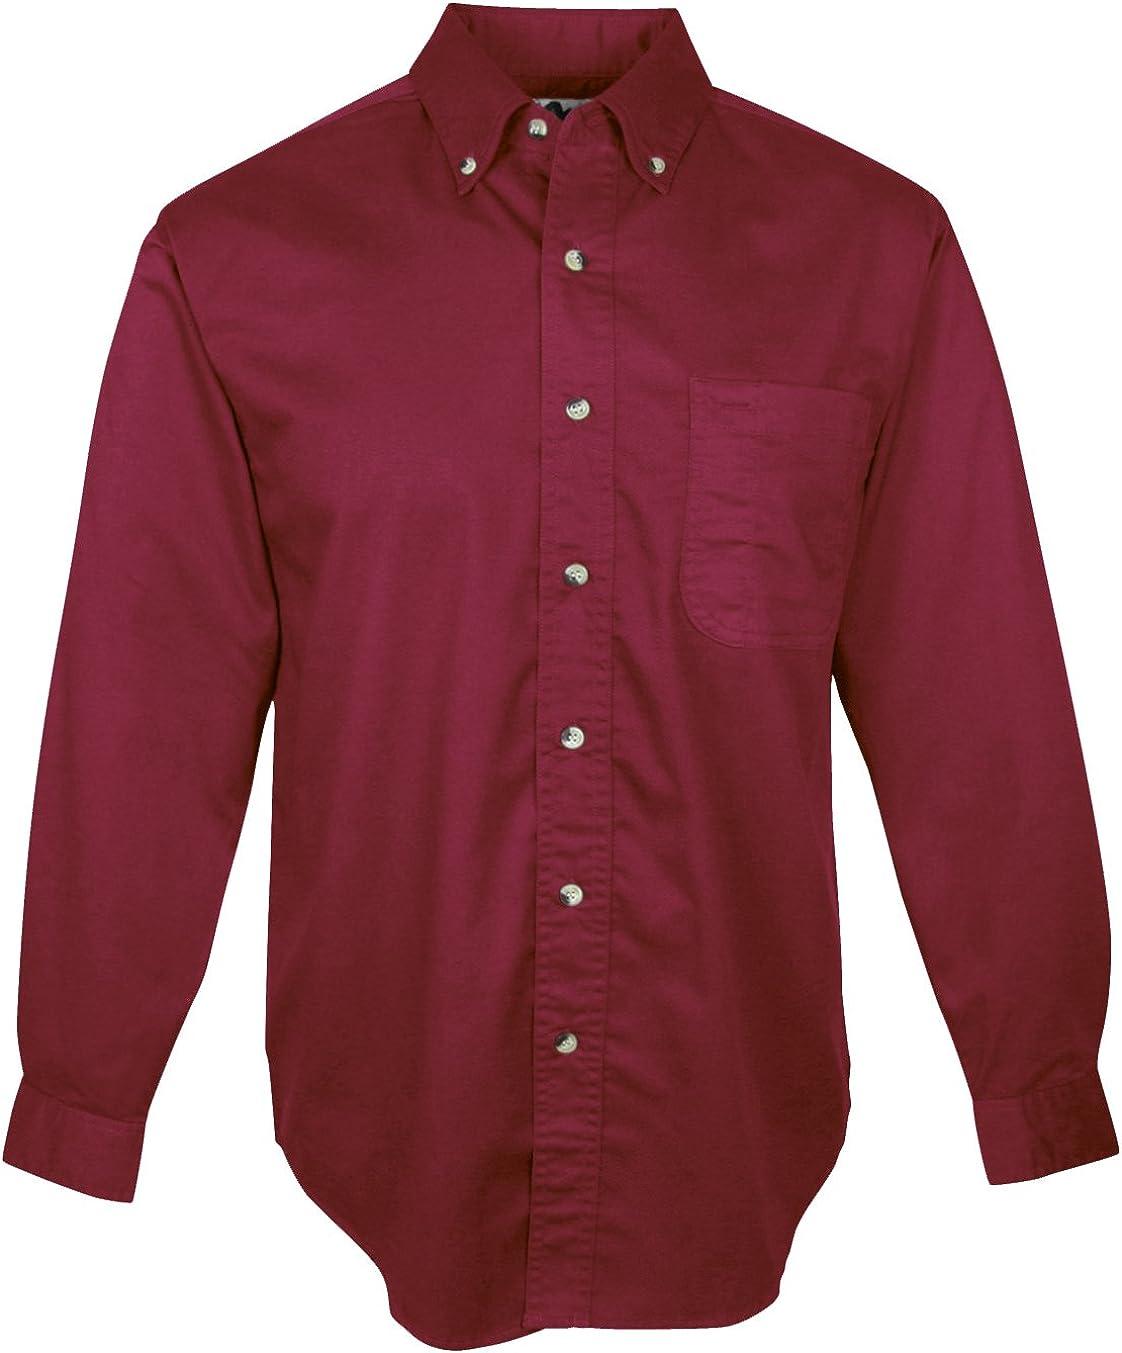 A&E Designs Men's Tall Size Down Collar Long Sleeve Dress Shirt - Maroon